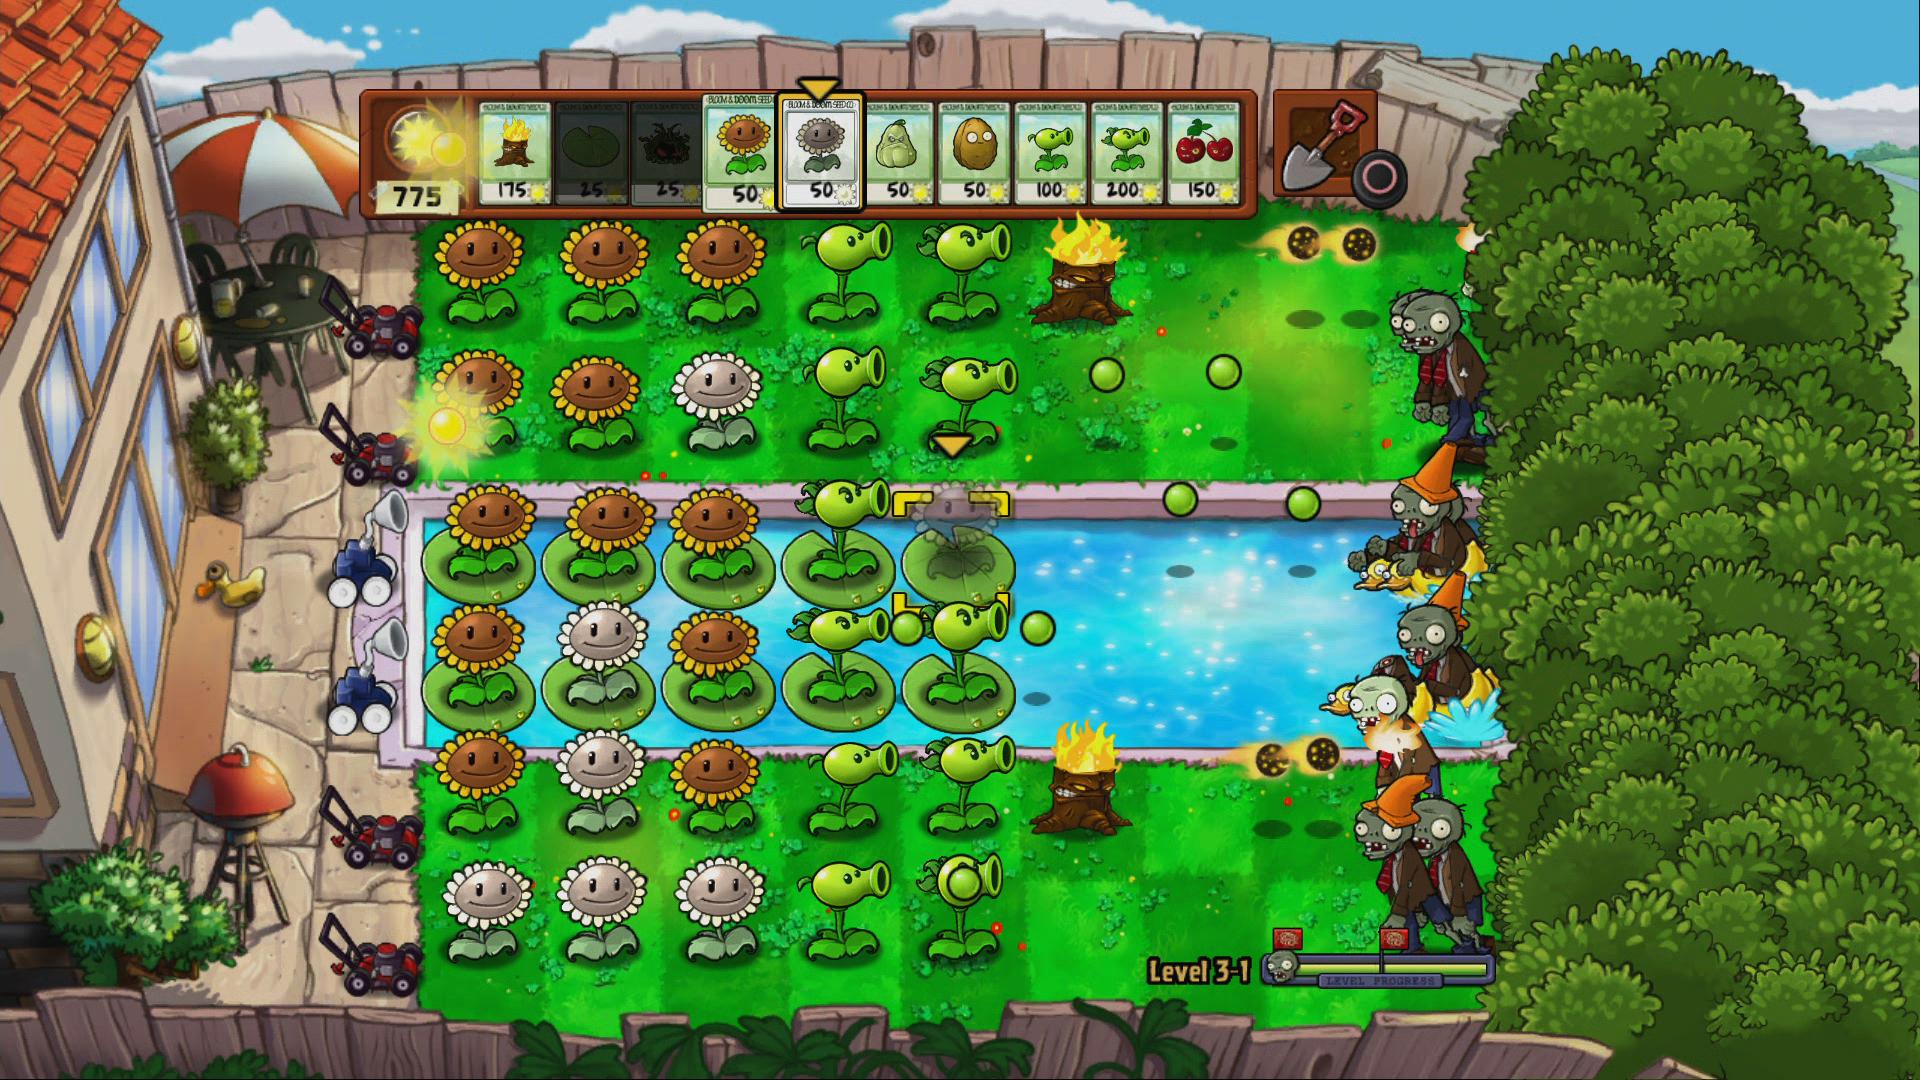 Plants Vs Zombies, y si lo hicieron sepan que la versión de